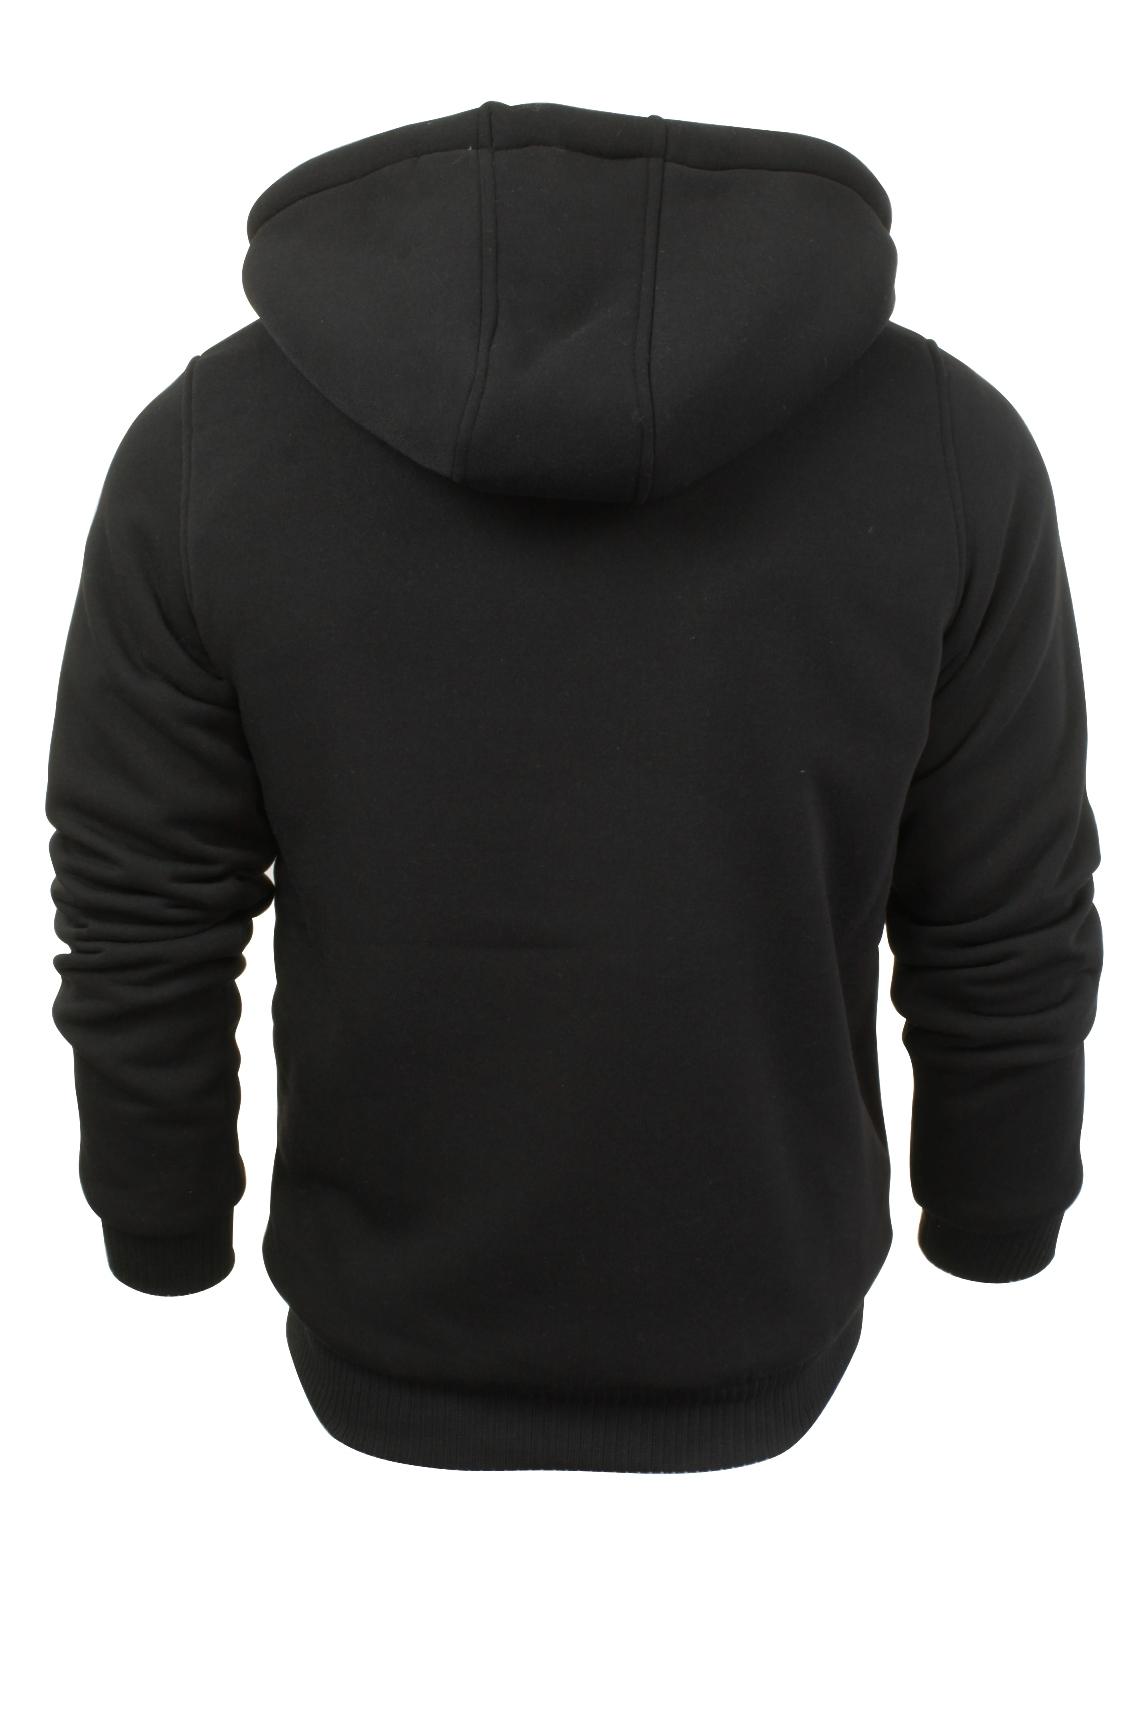 Brave-Soul-Mens-Hooded-Sweatshirt-Jumper-039-Zone-039-Hoodie-Sherpa-Lined thumbnail 19